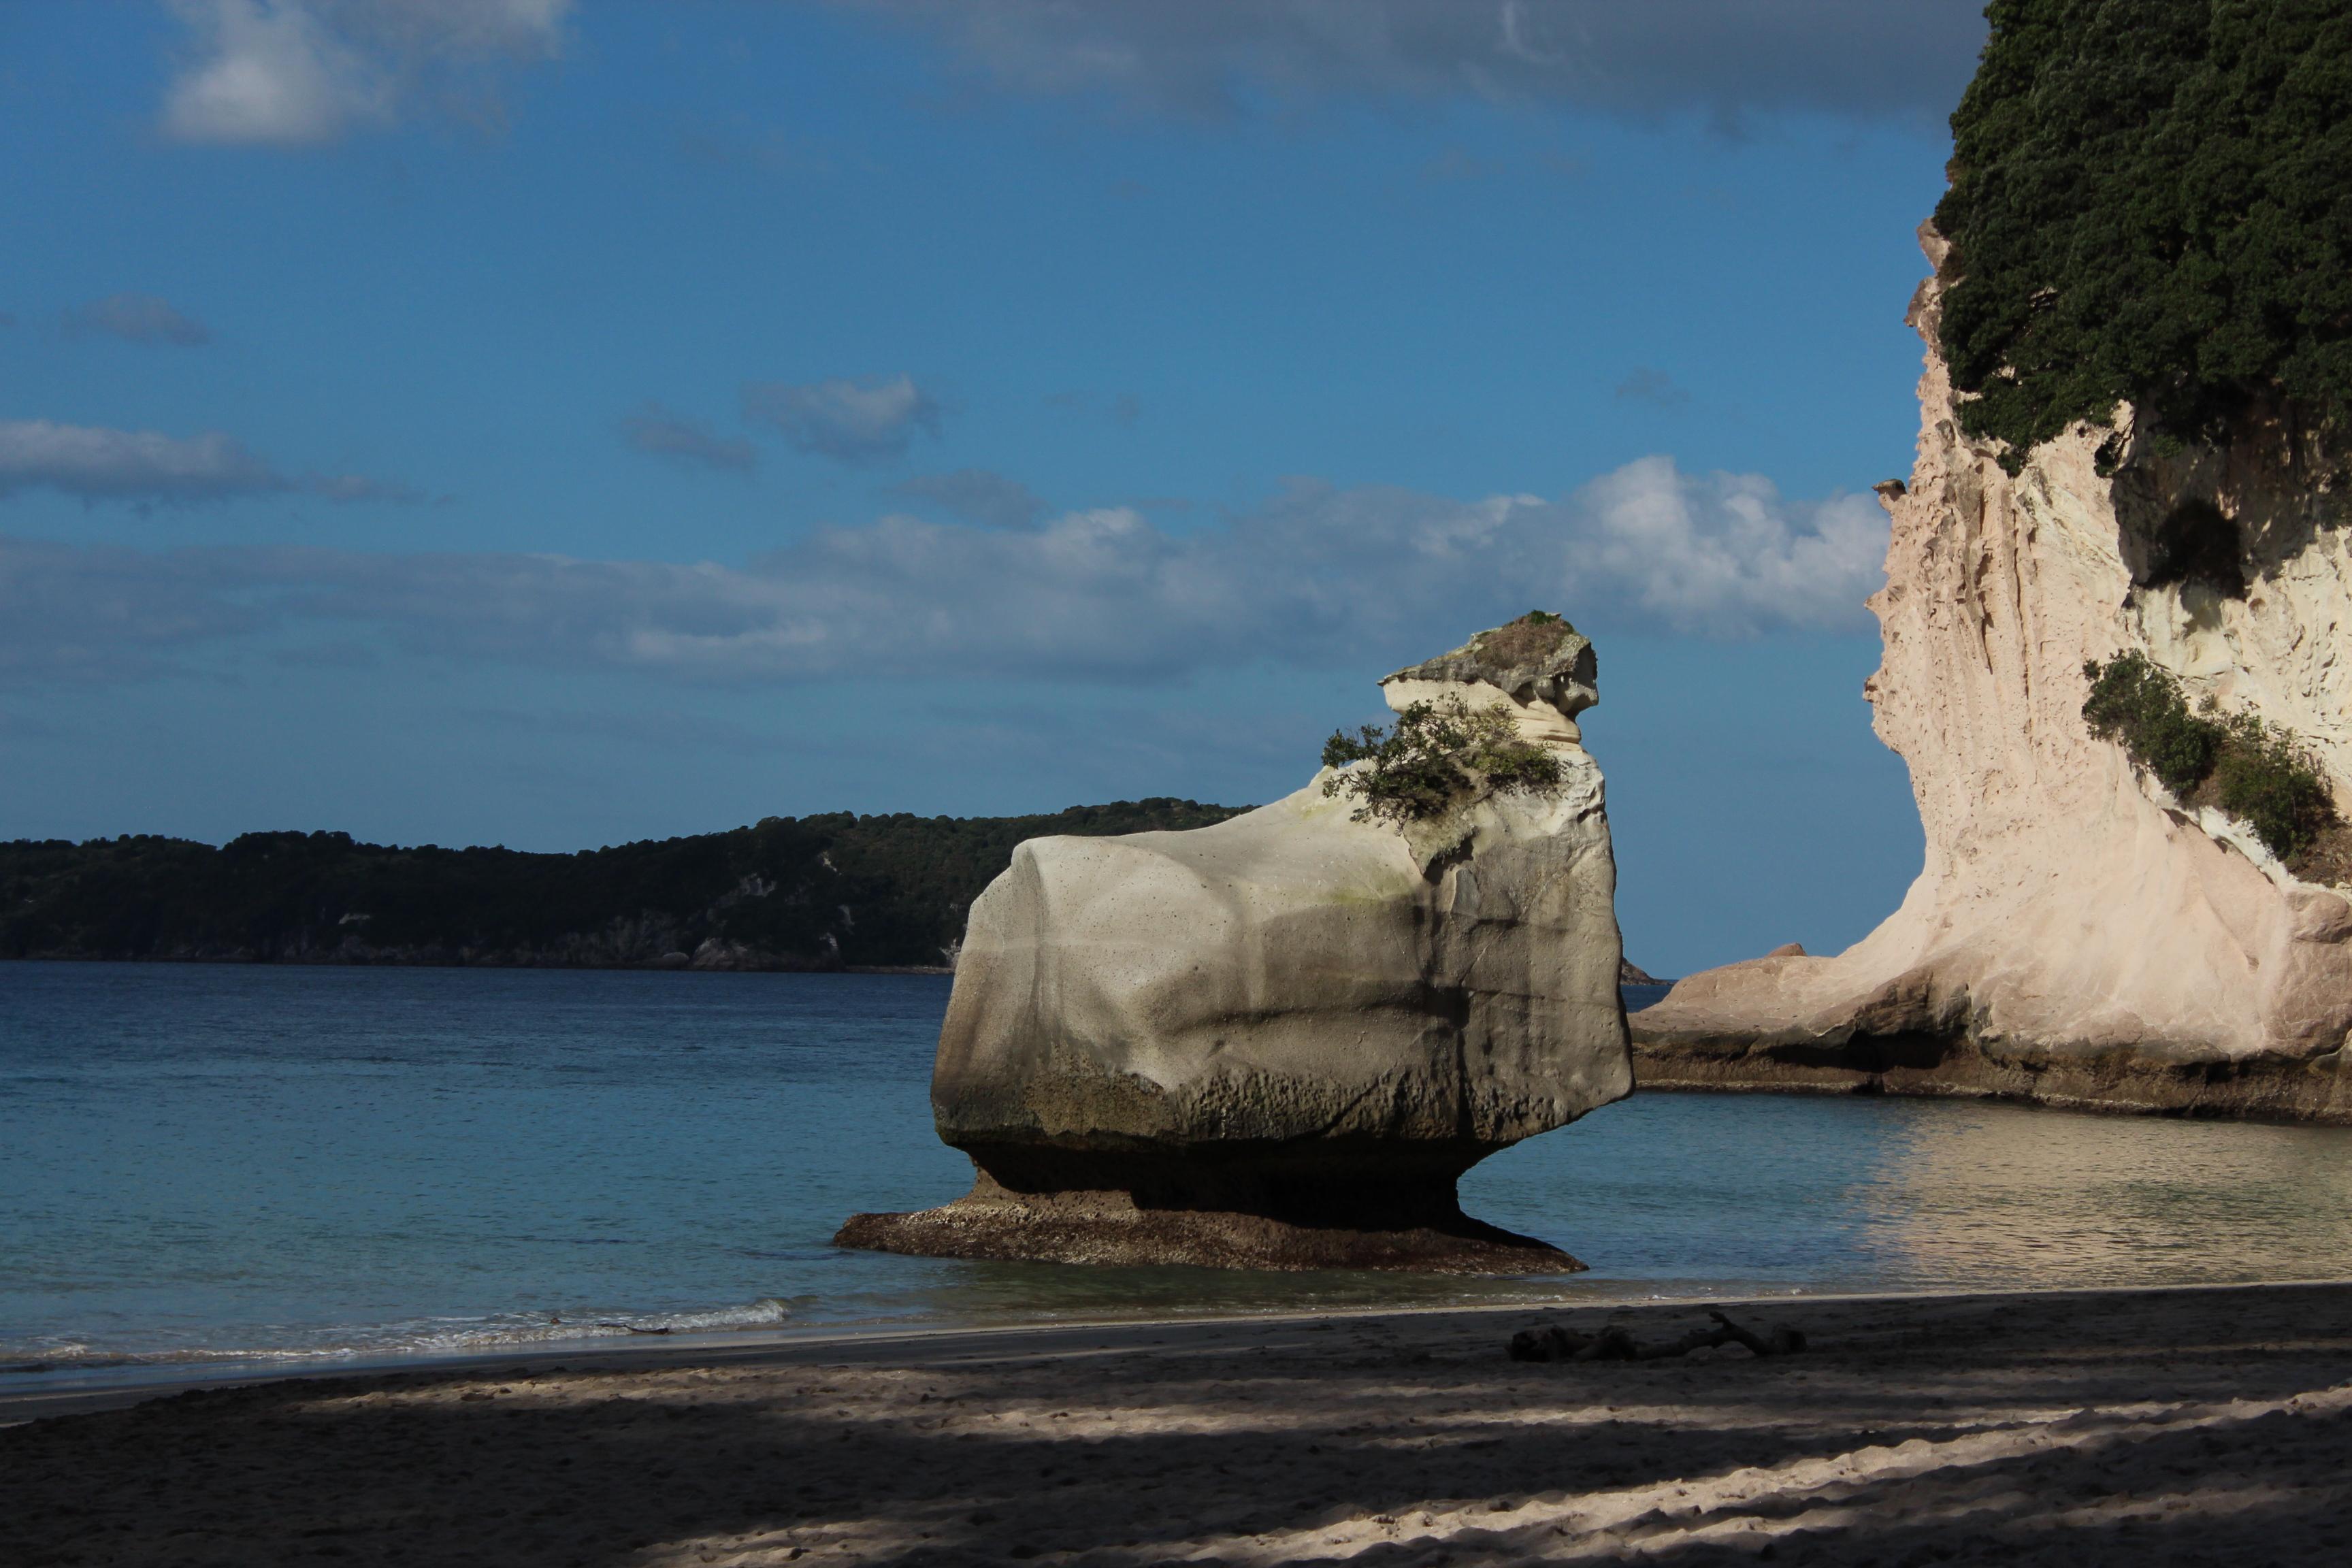 Nouvelle Zélande - Cathedral Cove - Les lubies de Louise (5)